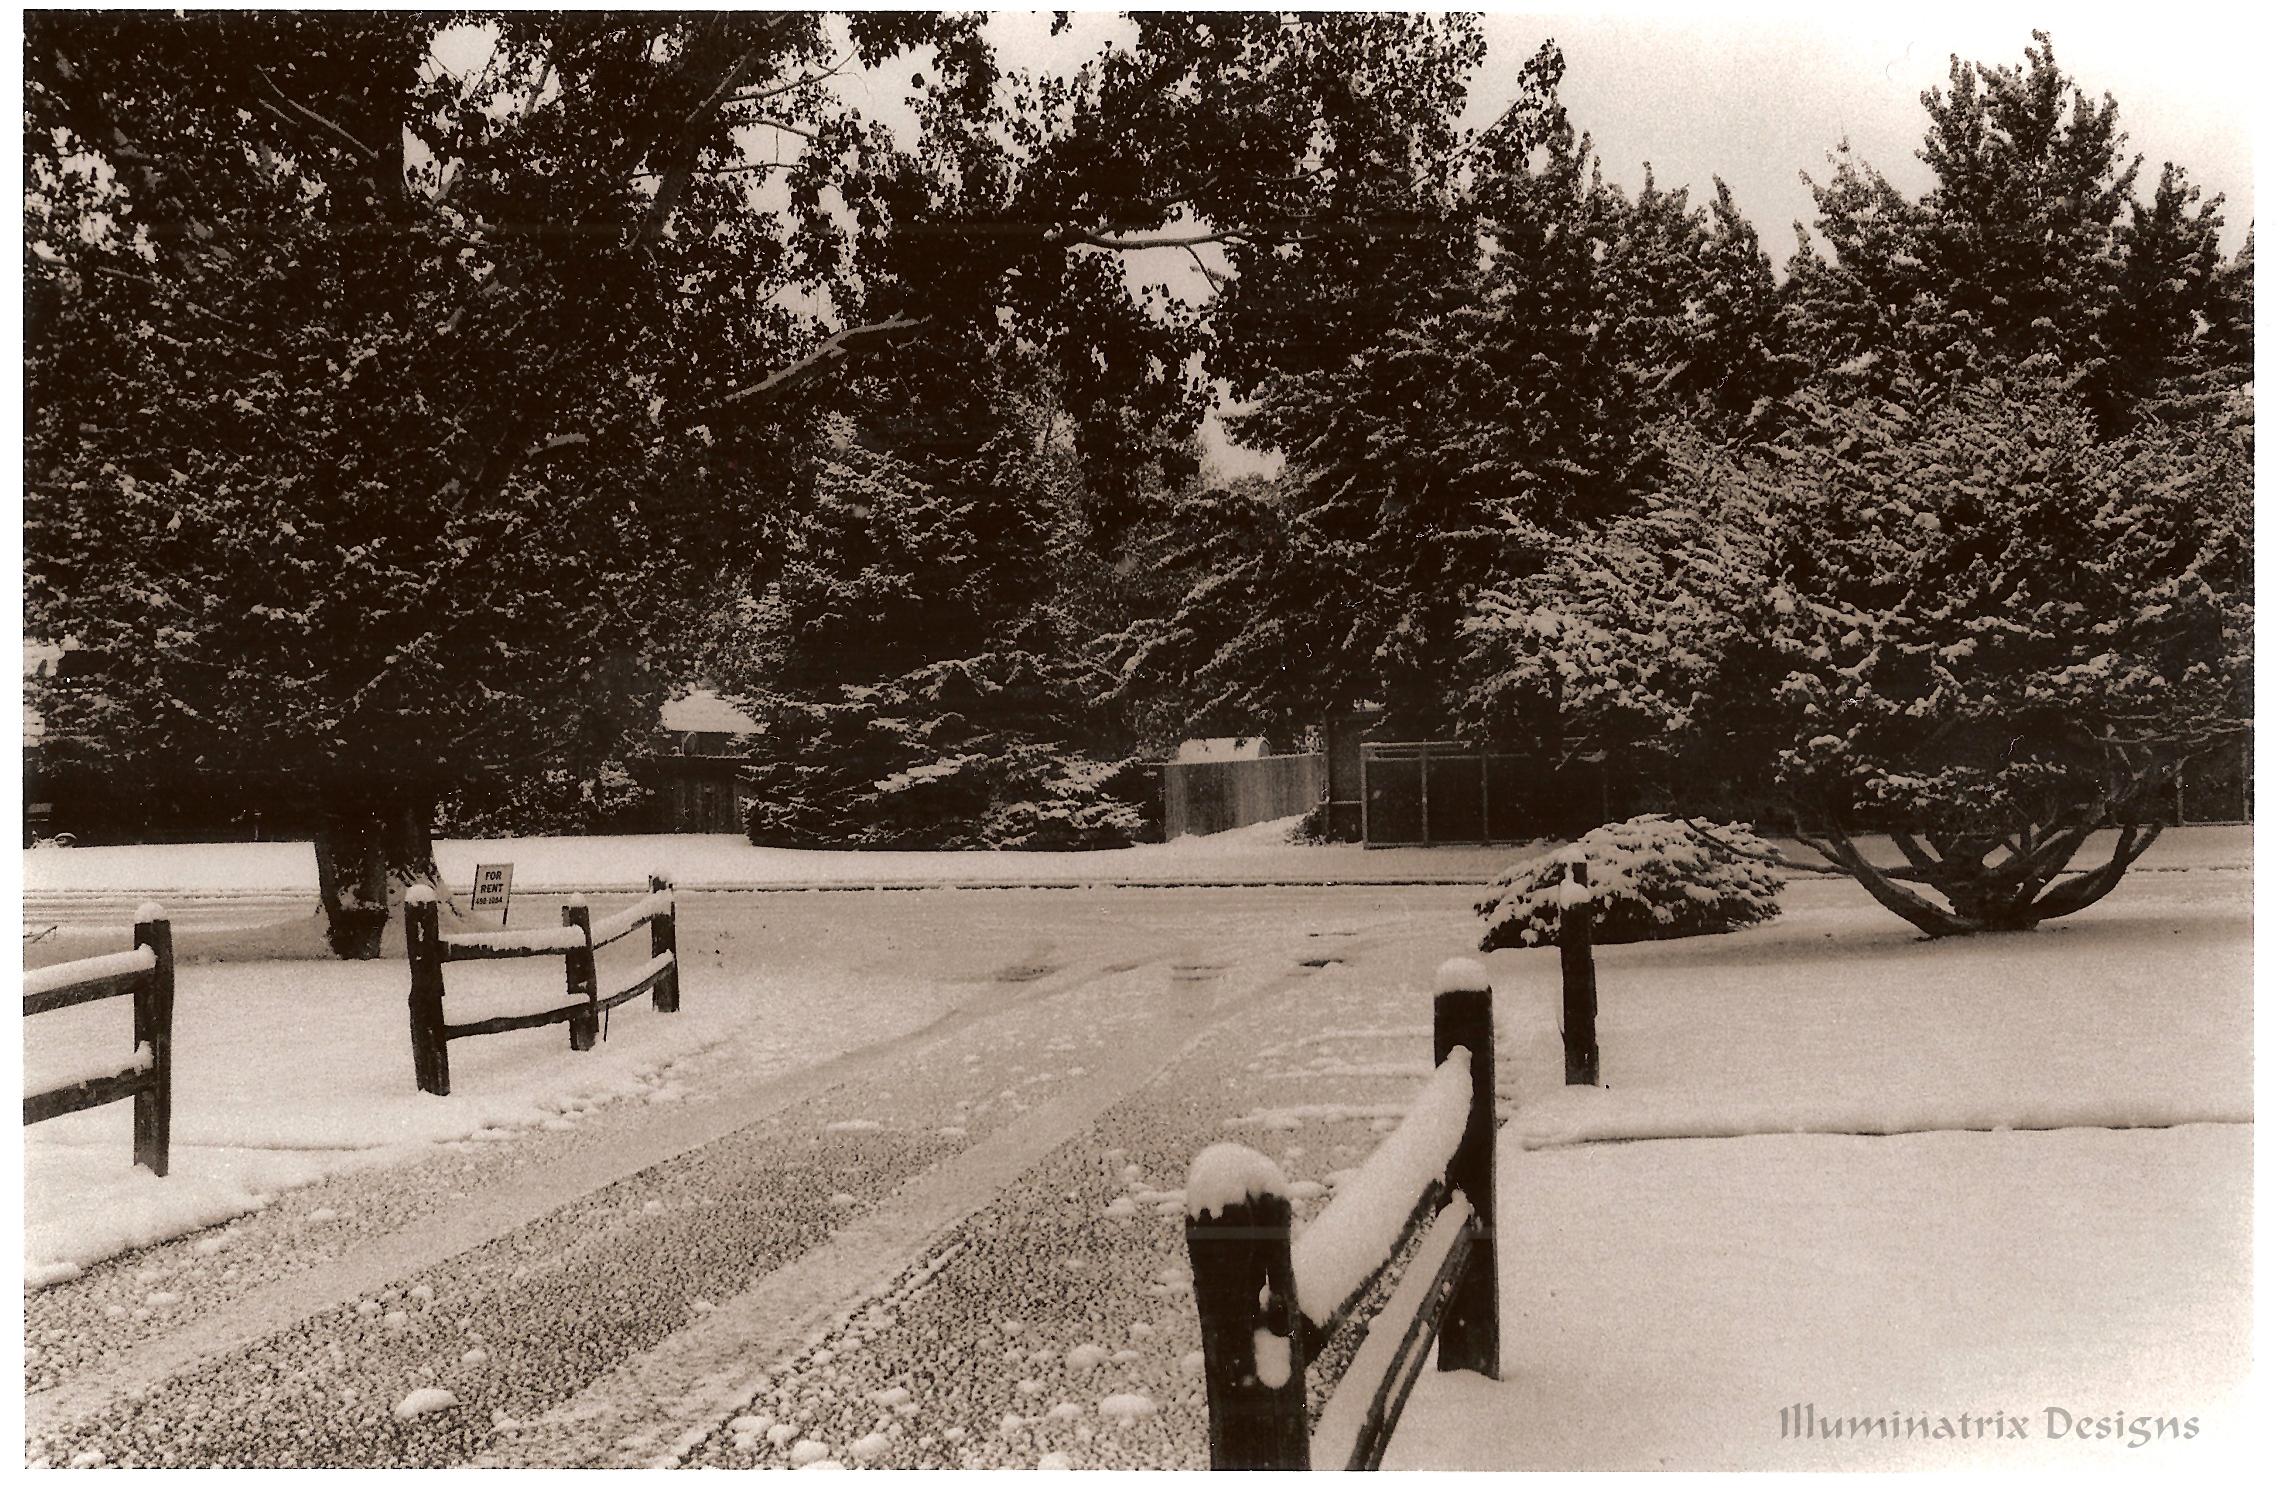 Winter by Dre72